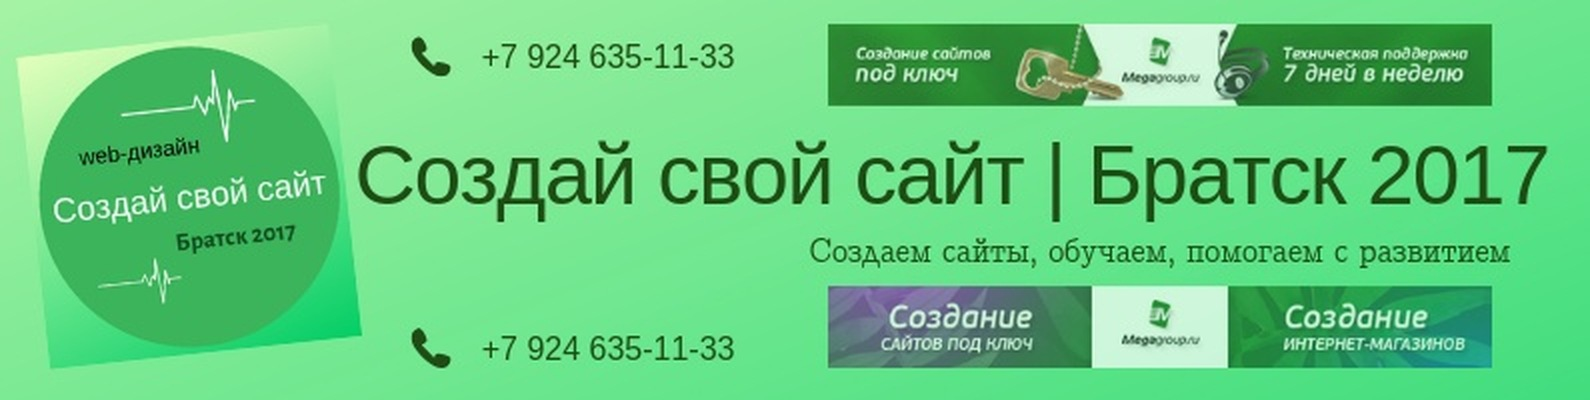 Создание сайтов братск сайт для создания текстур мобов